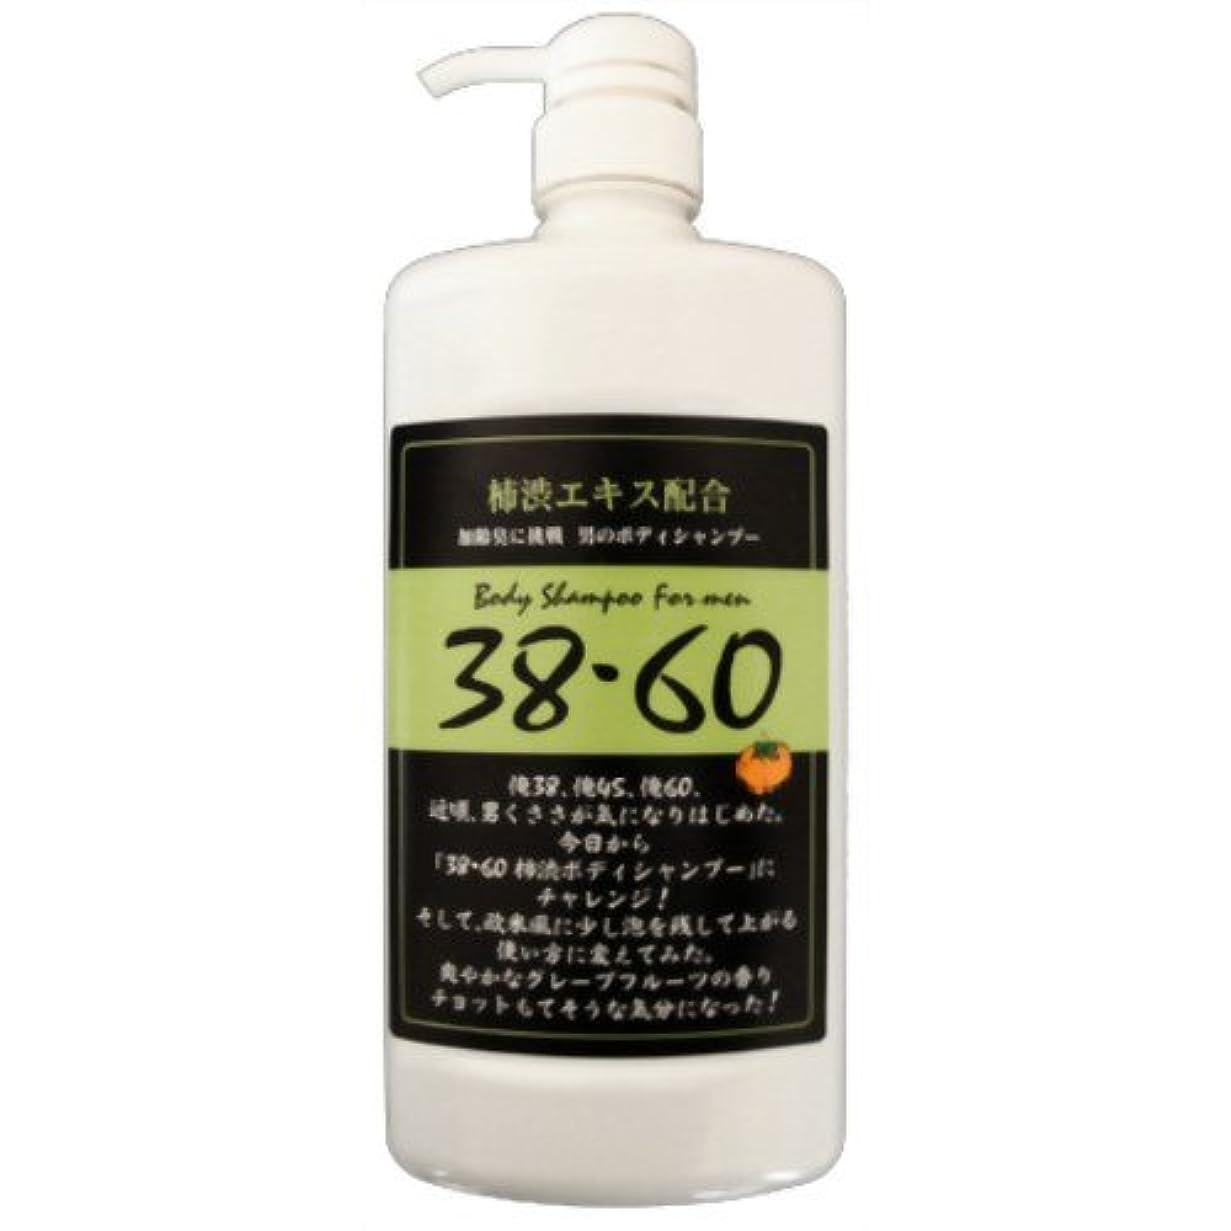 しみ捨てる番目38?60柿渋ボディシャンプー詰替1500ml